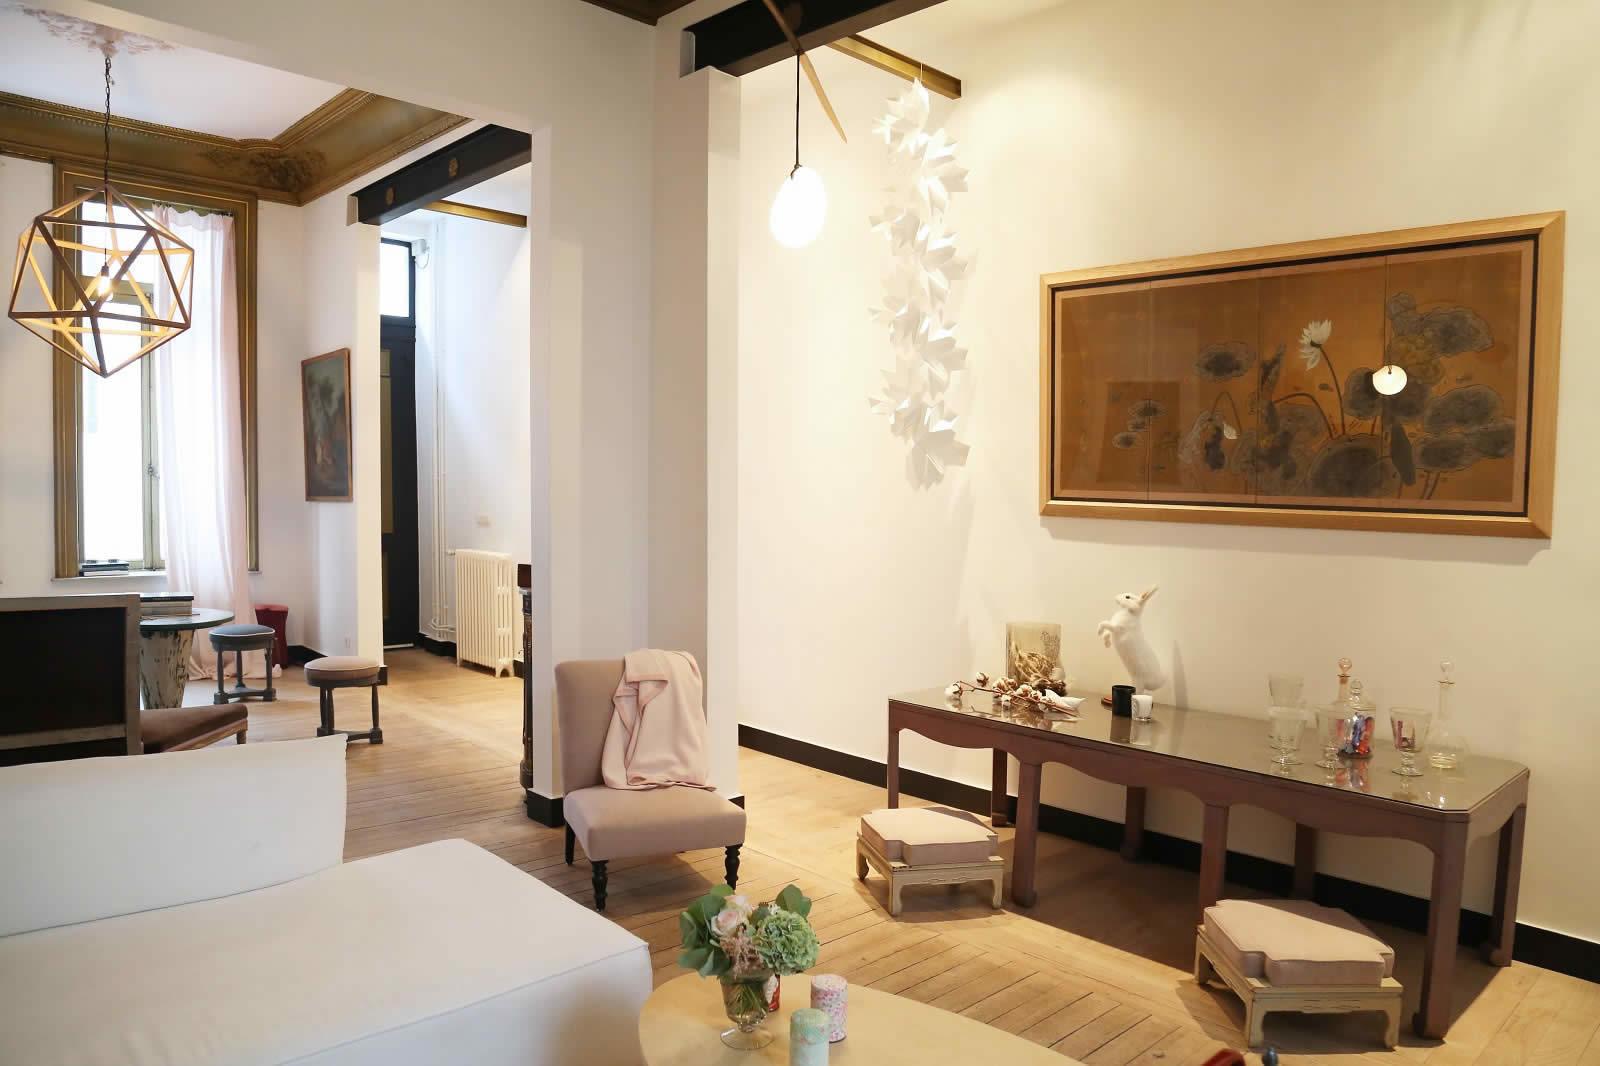 Interieur maison de maitre renovee maison moderne for Interieur 18eme siecle